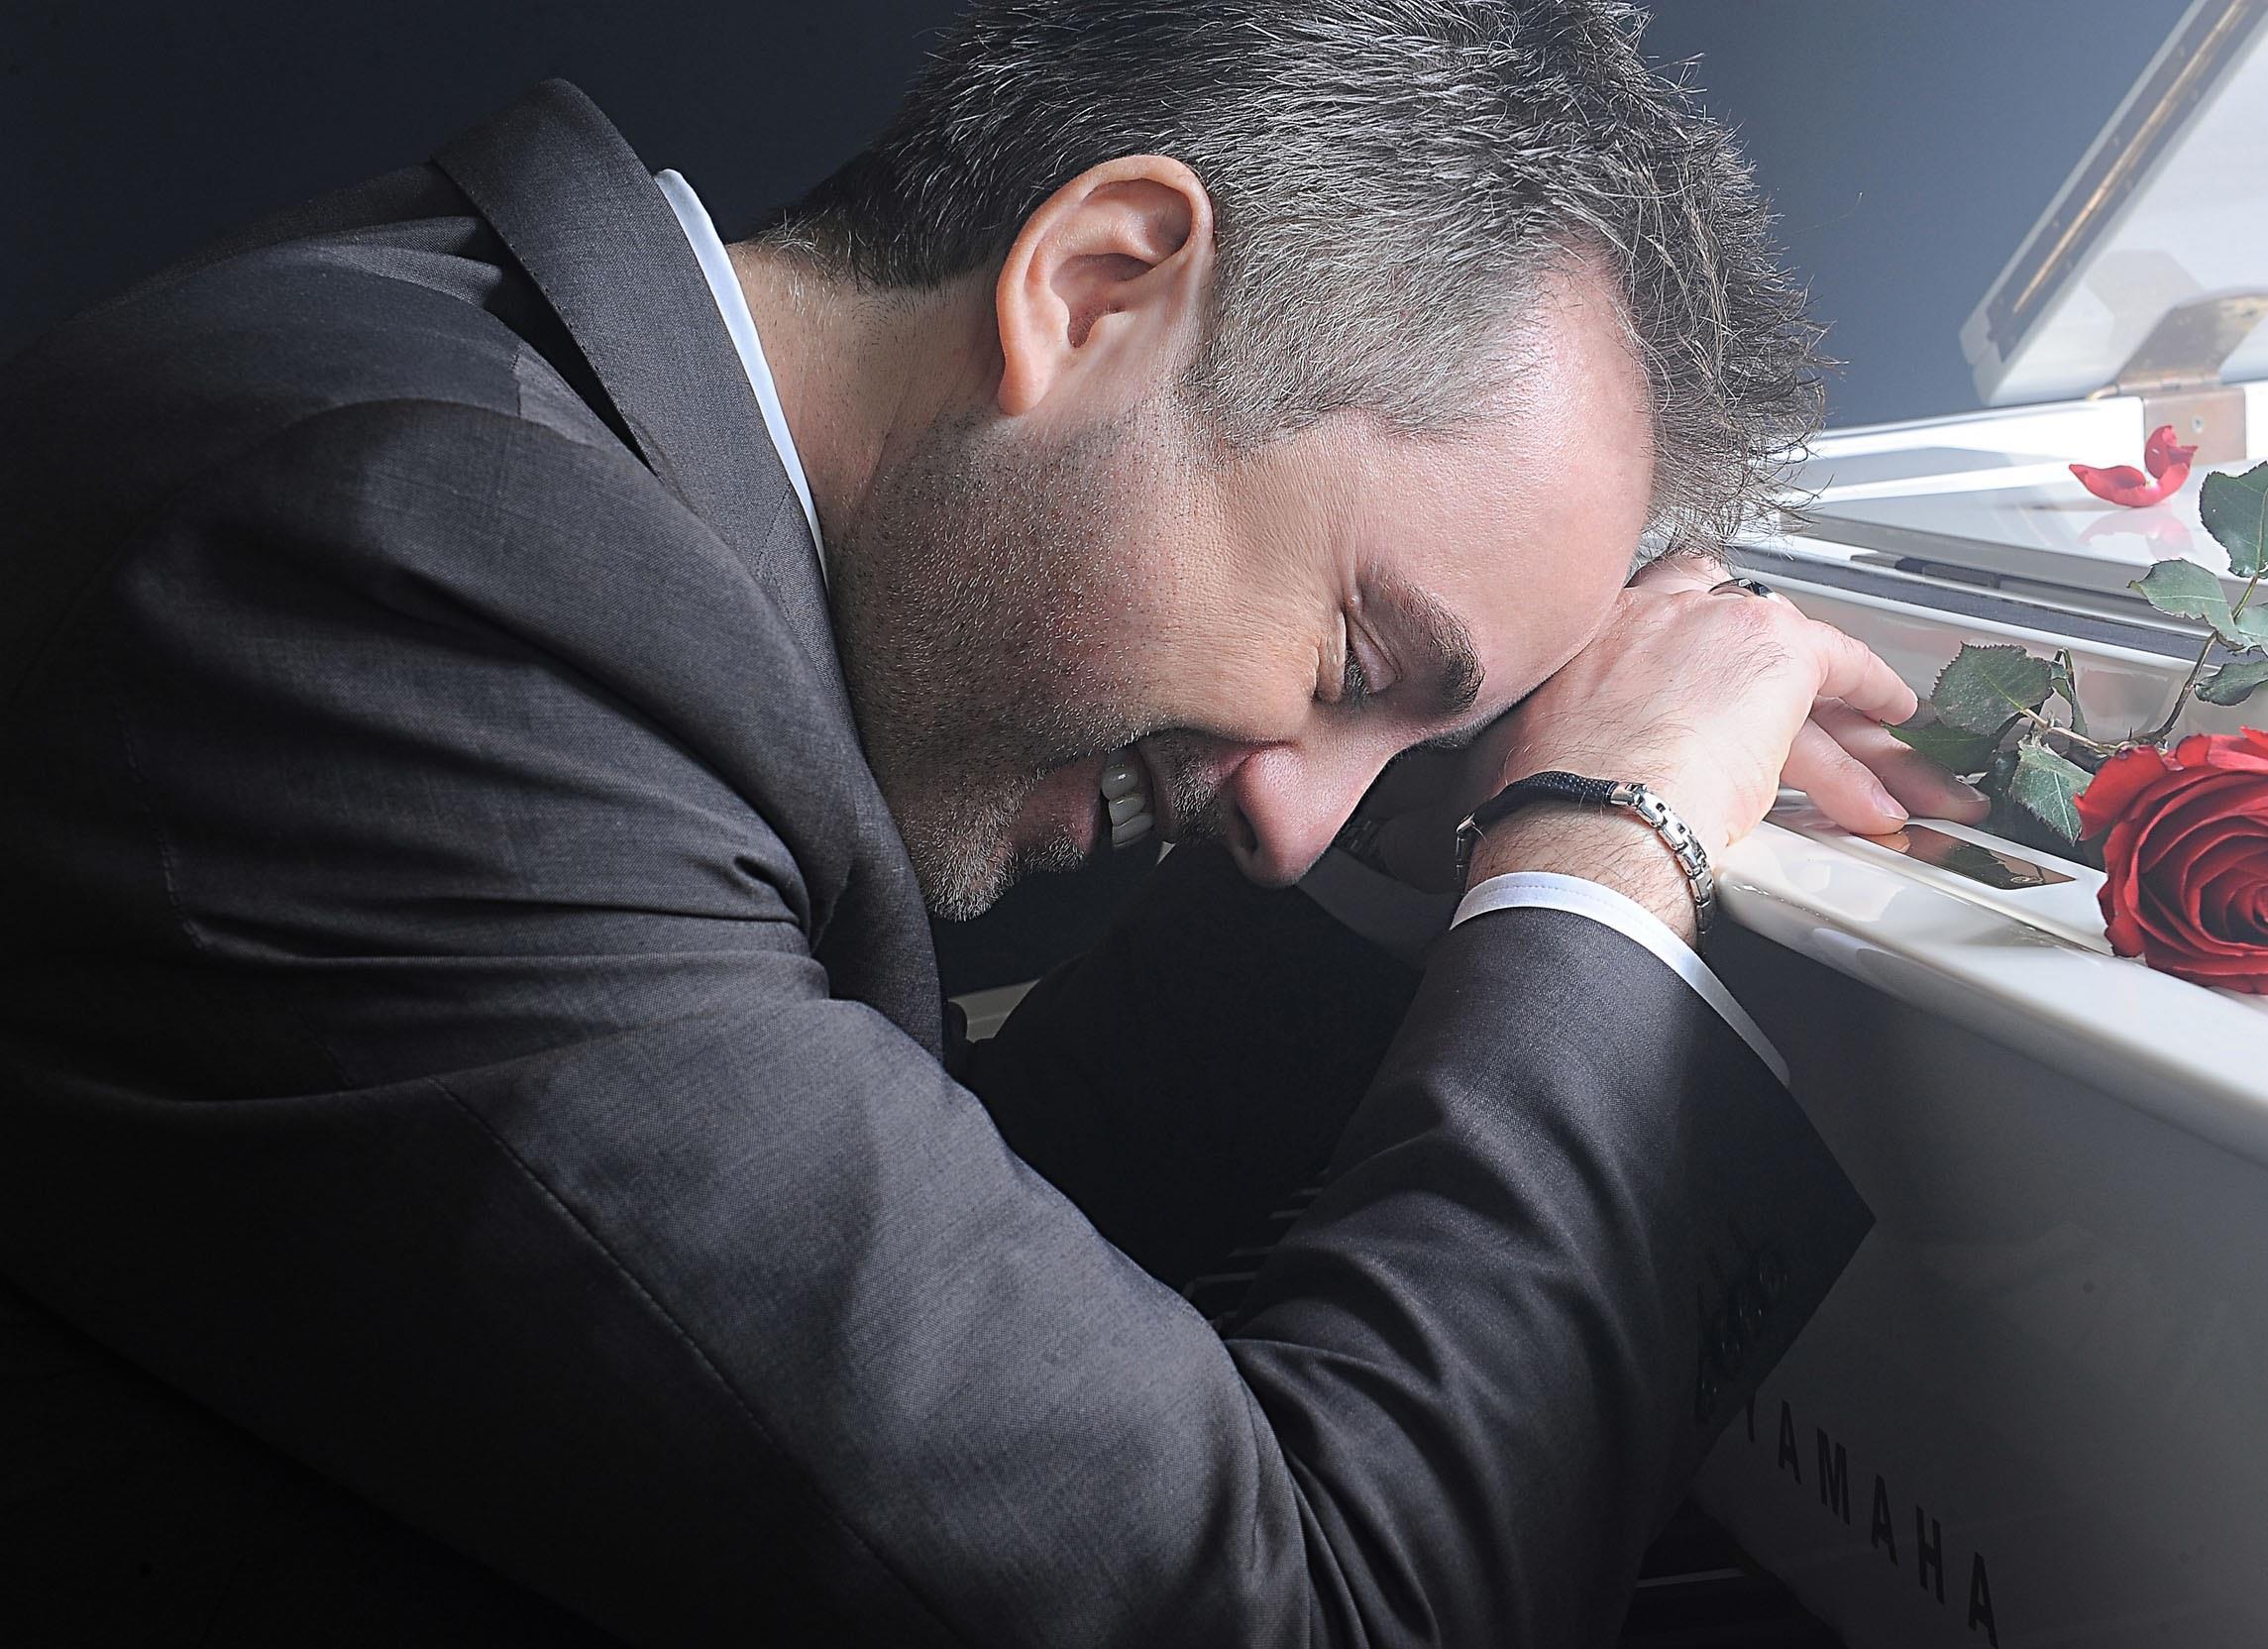 مروان خوري... ما هذه المجزرة اللغوية؟